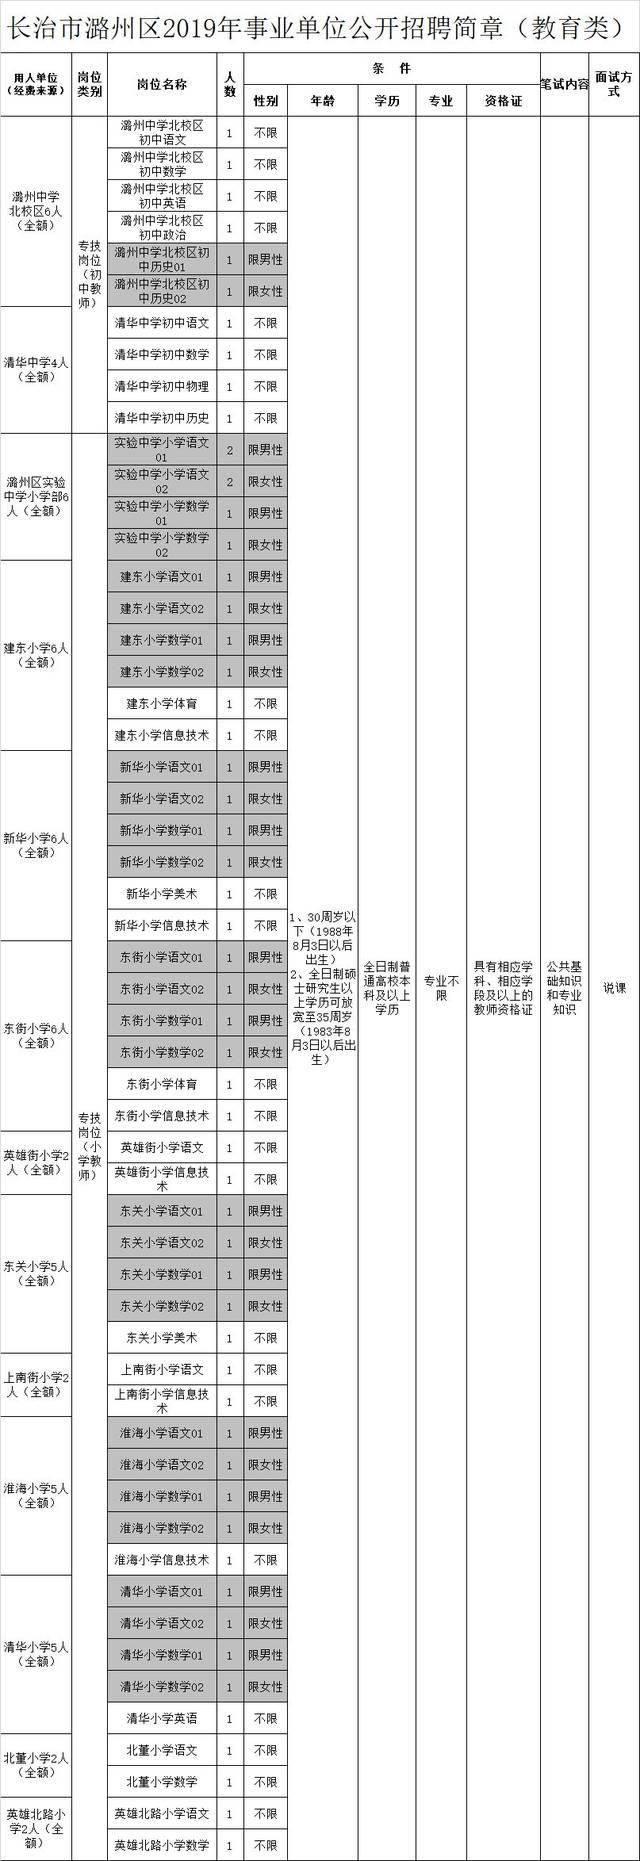 今日招聘:长治潞州区招聘全额事业编100人【67名教师】